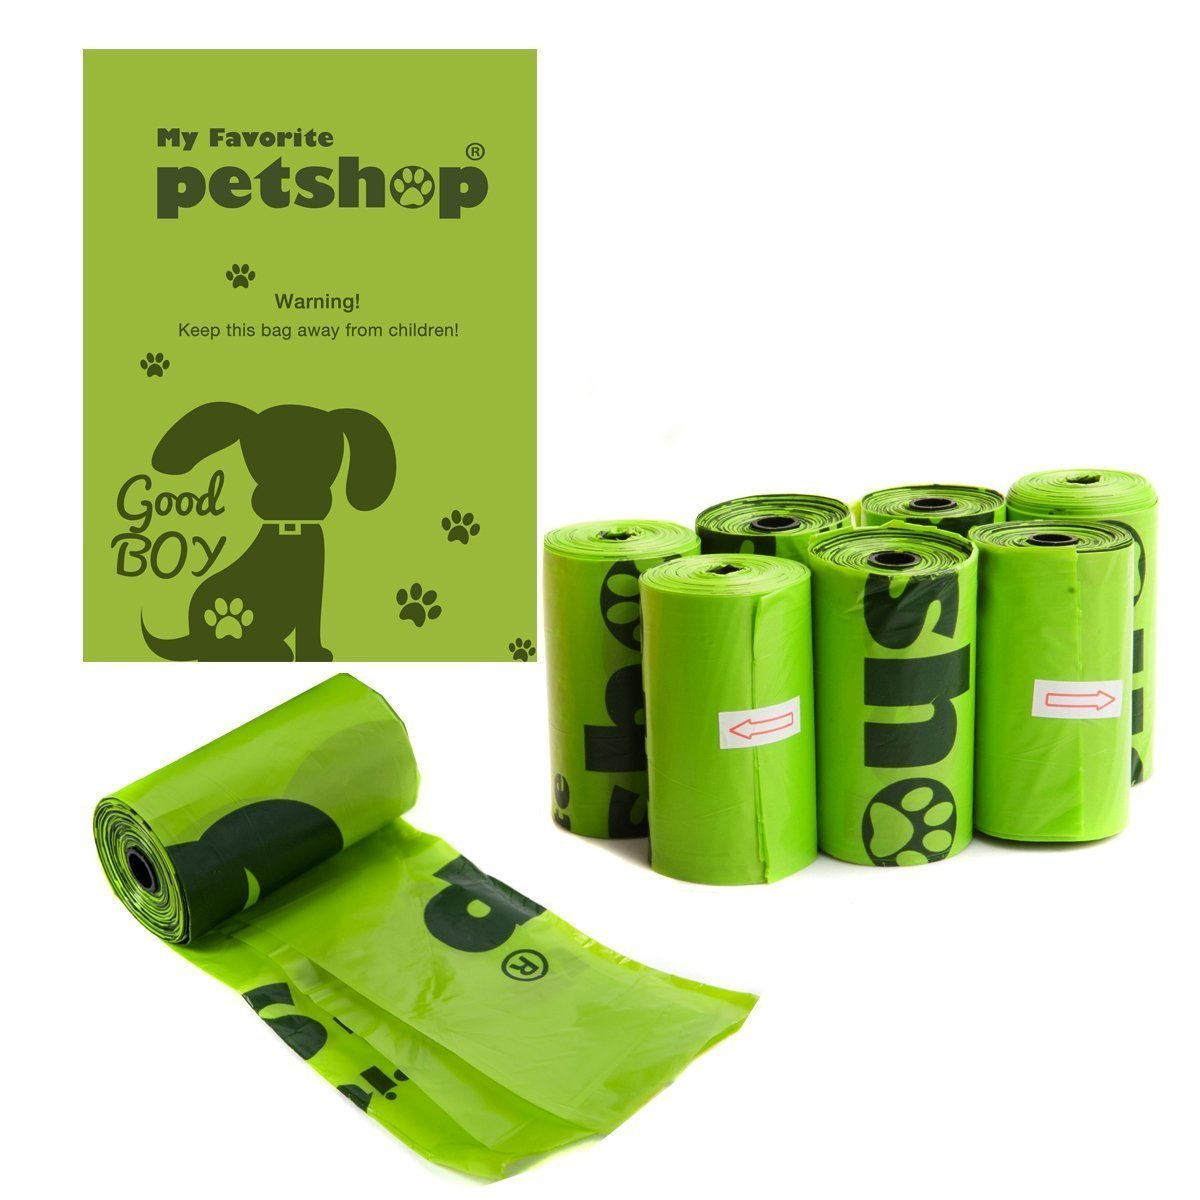 Favorite Bolsas para excrementos de Perro, Color Verde, 120 Unidades